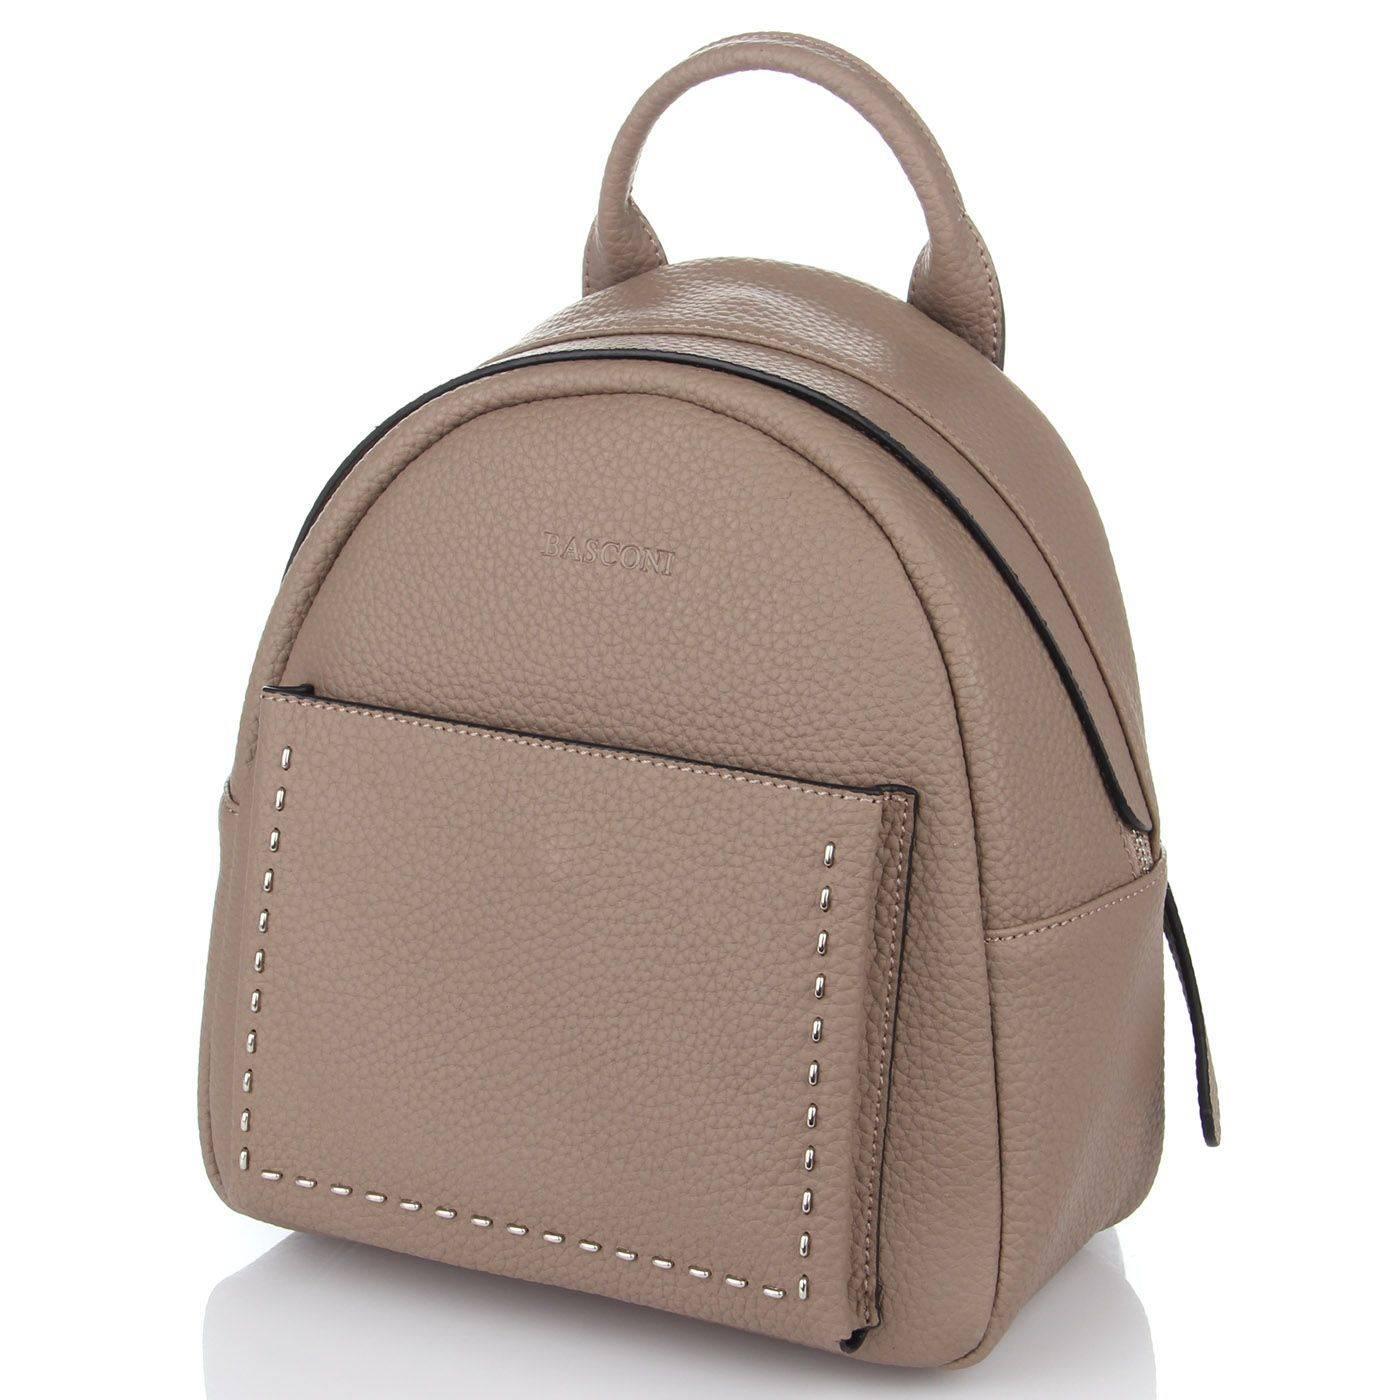 Рюкзак женский Basconi 5123 Хаки купить по выгодной цене в интернет ... 4b6beabf9c0